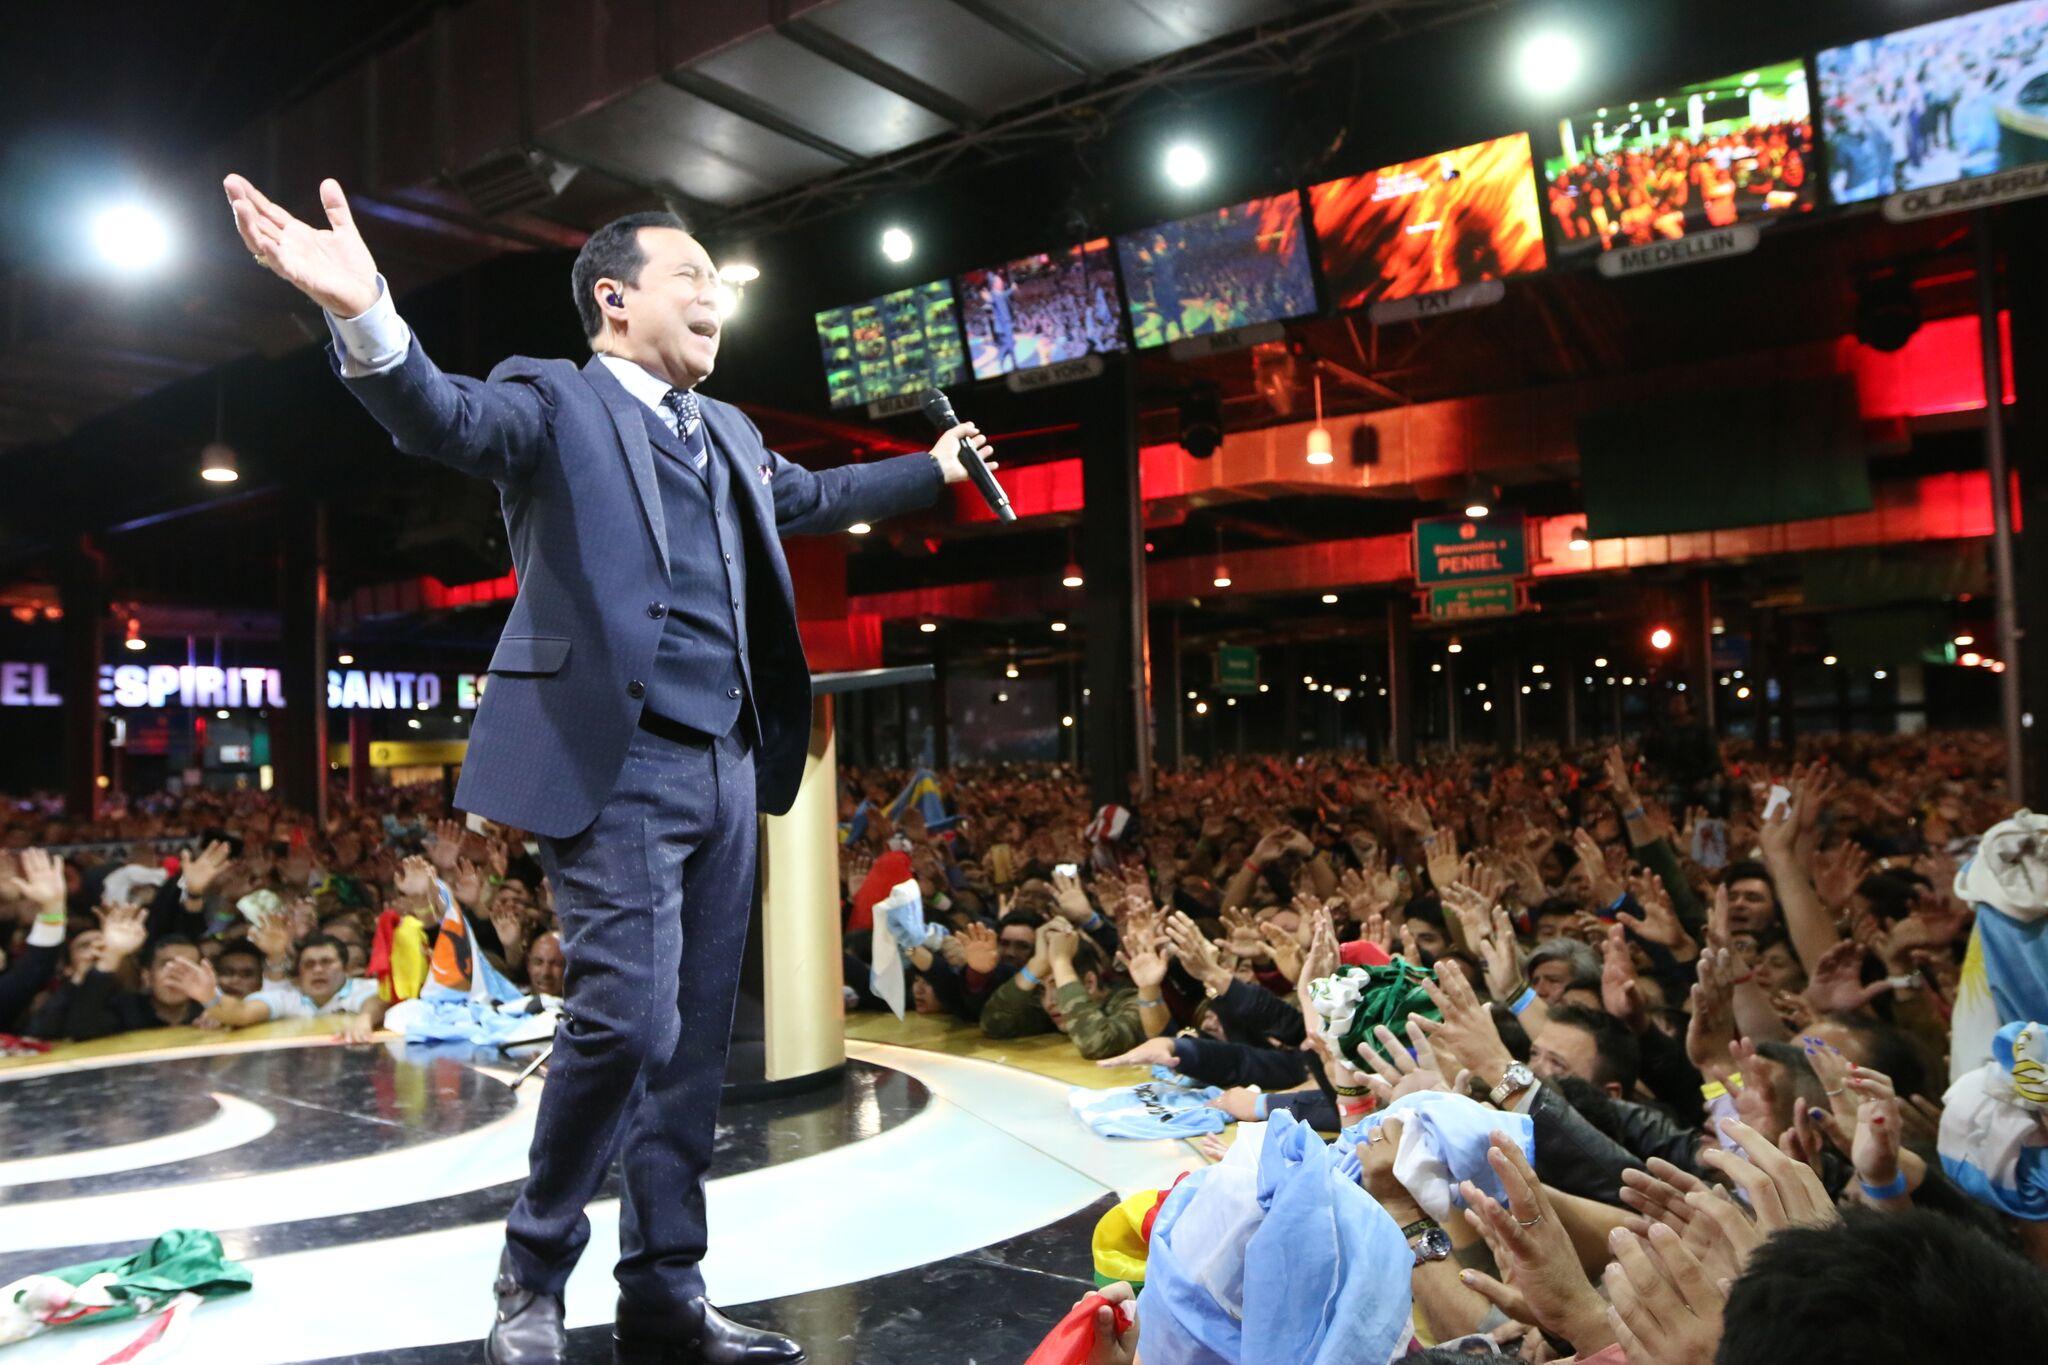 Conferencia #6 Pastor Ricardo Rodríguez - Llamas de fuego